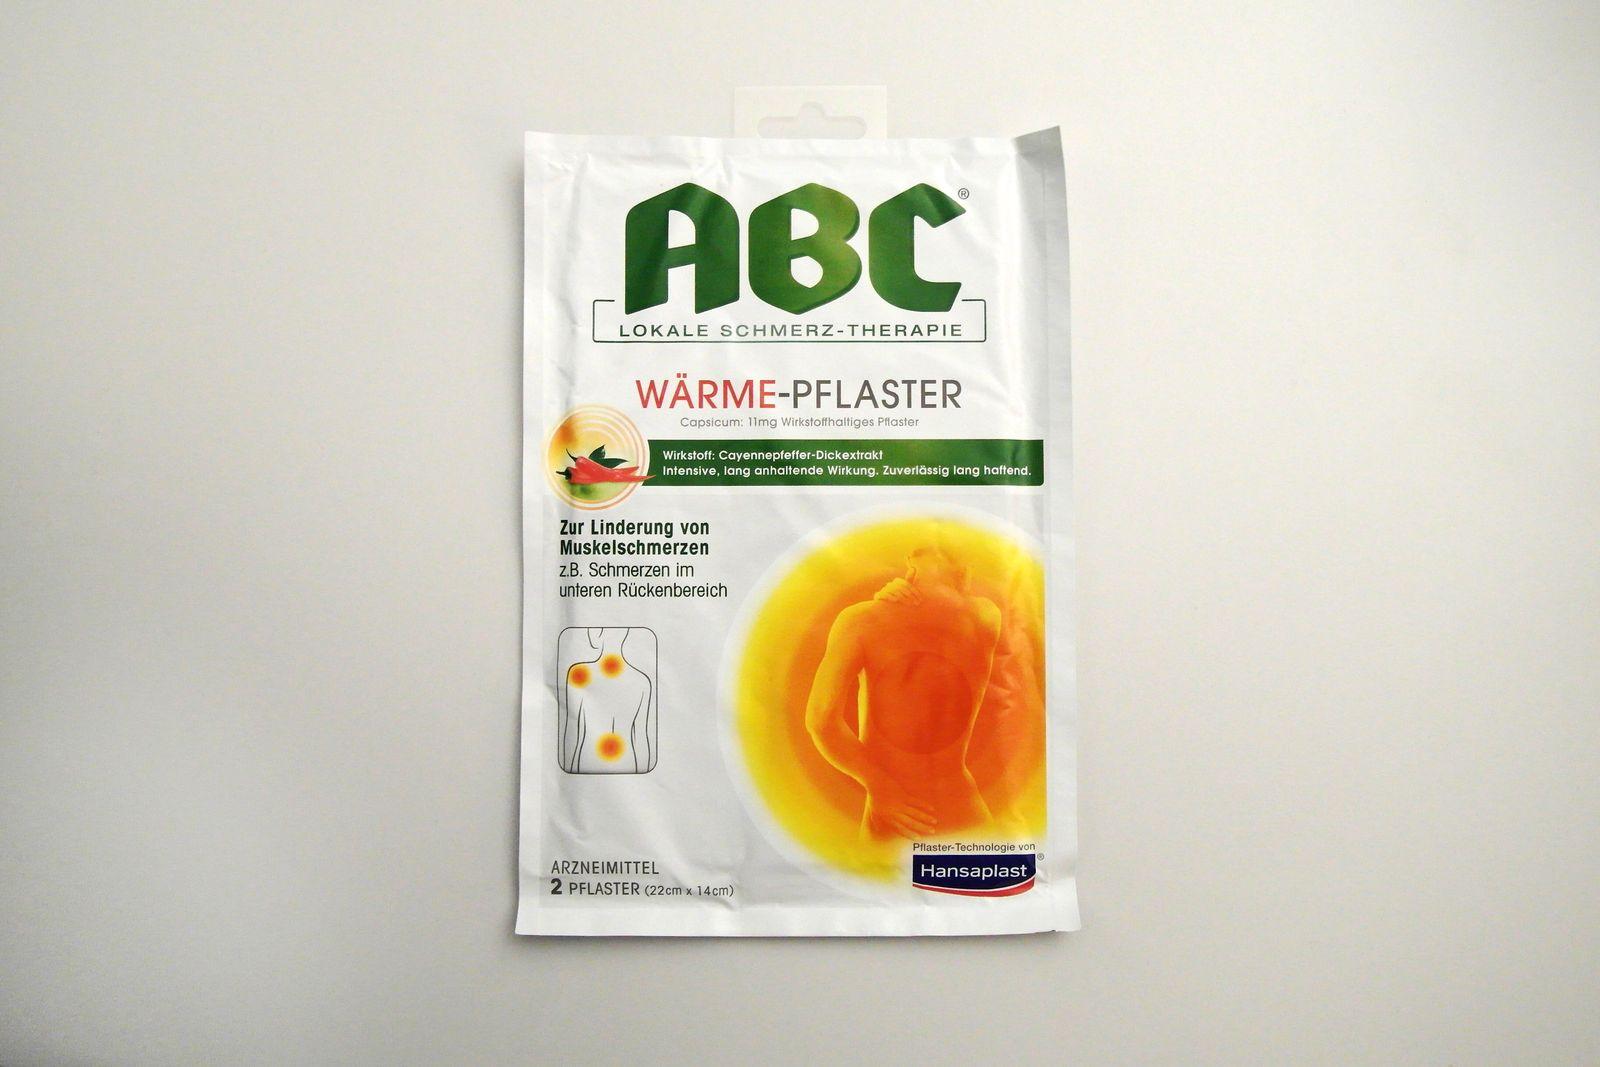 Medikamenten-Check/ ABC Pflaster